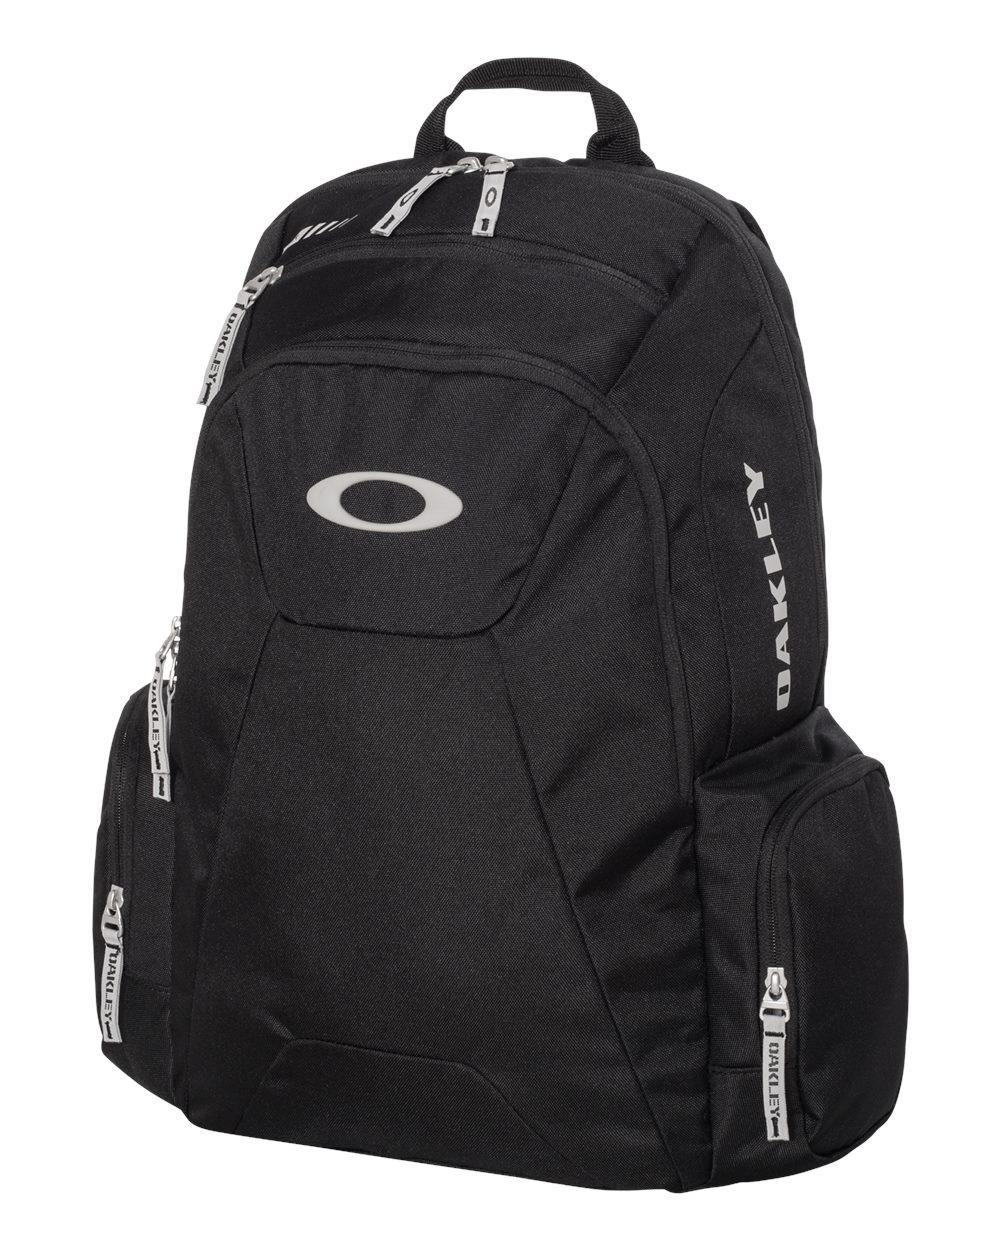 Oakley 921057ODM - 20L Station Pack Backpack